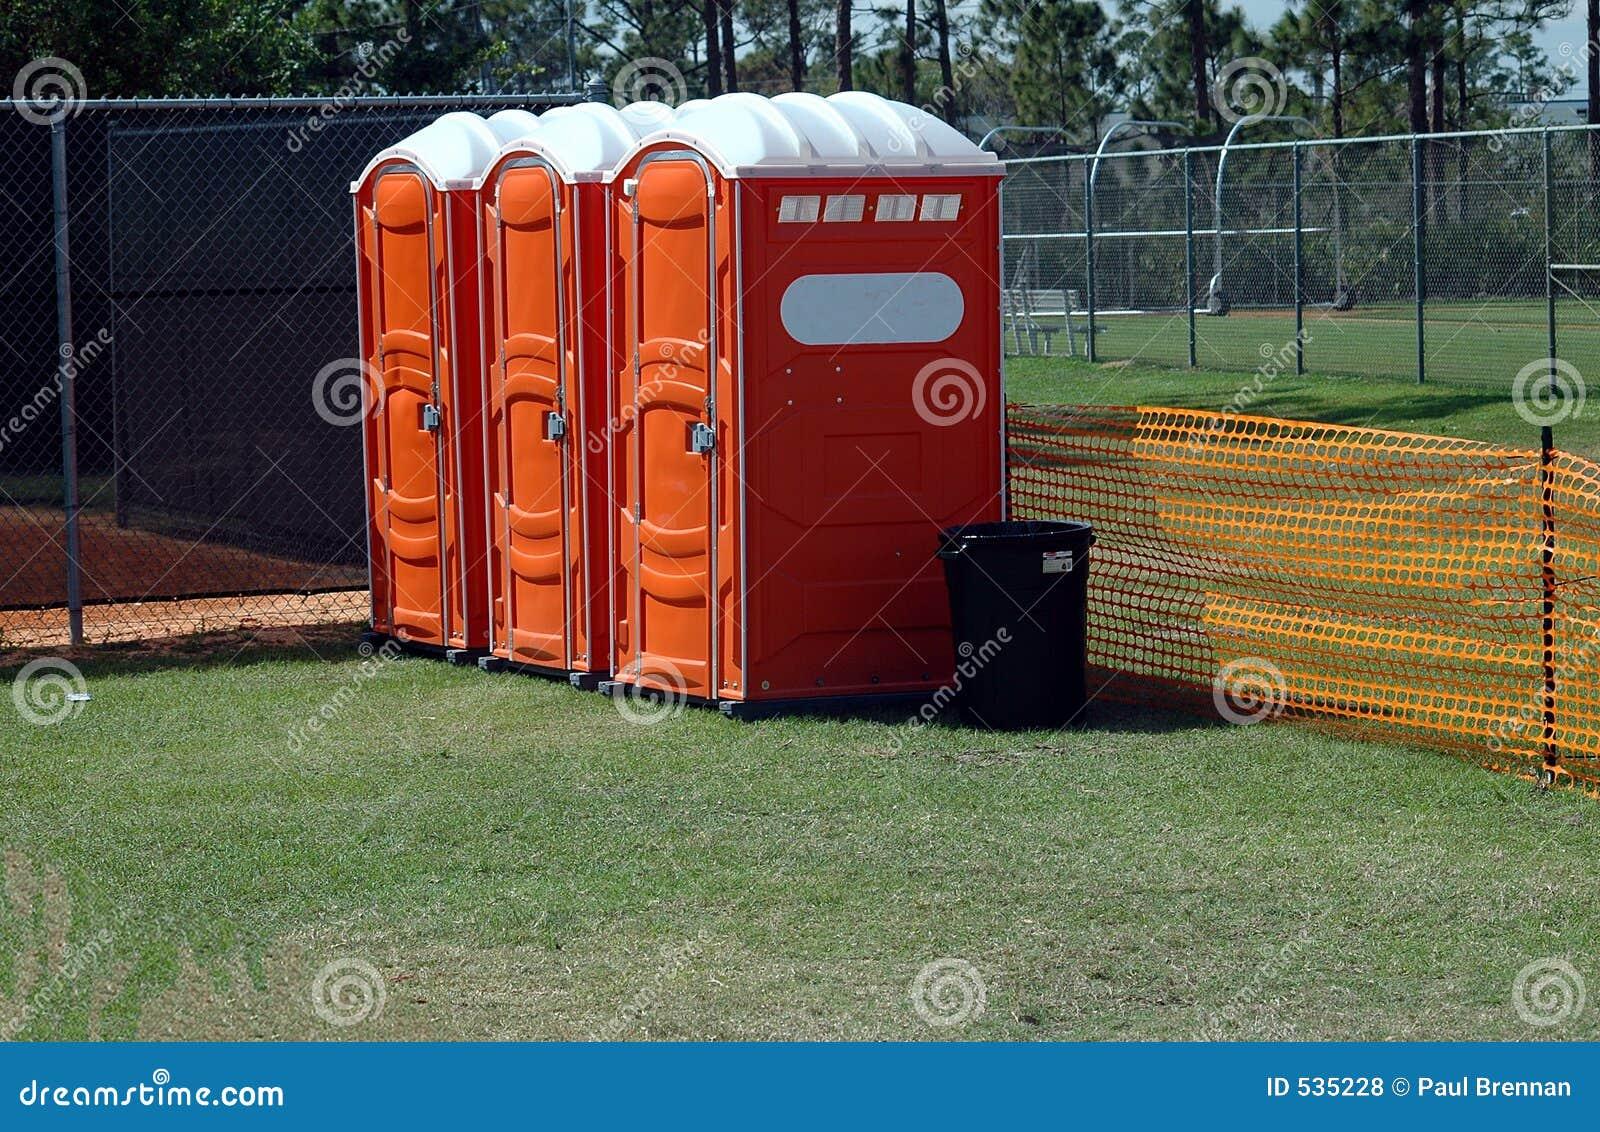 Download 可移植的洗手间 库存照片. 图片 包括有 休息室, 服务, 岗位, 舒适, 洗手间, 站点, 茅厕, 建筑, 可移植 - 535228